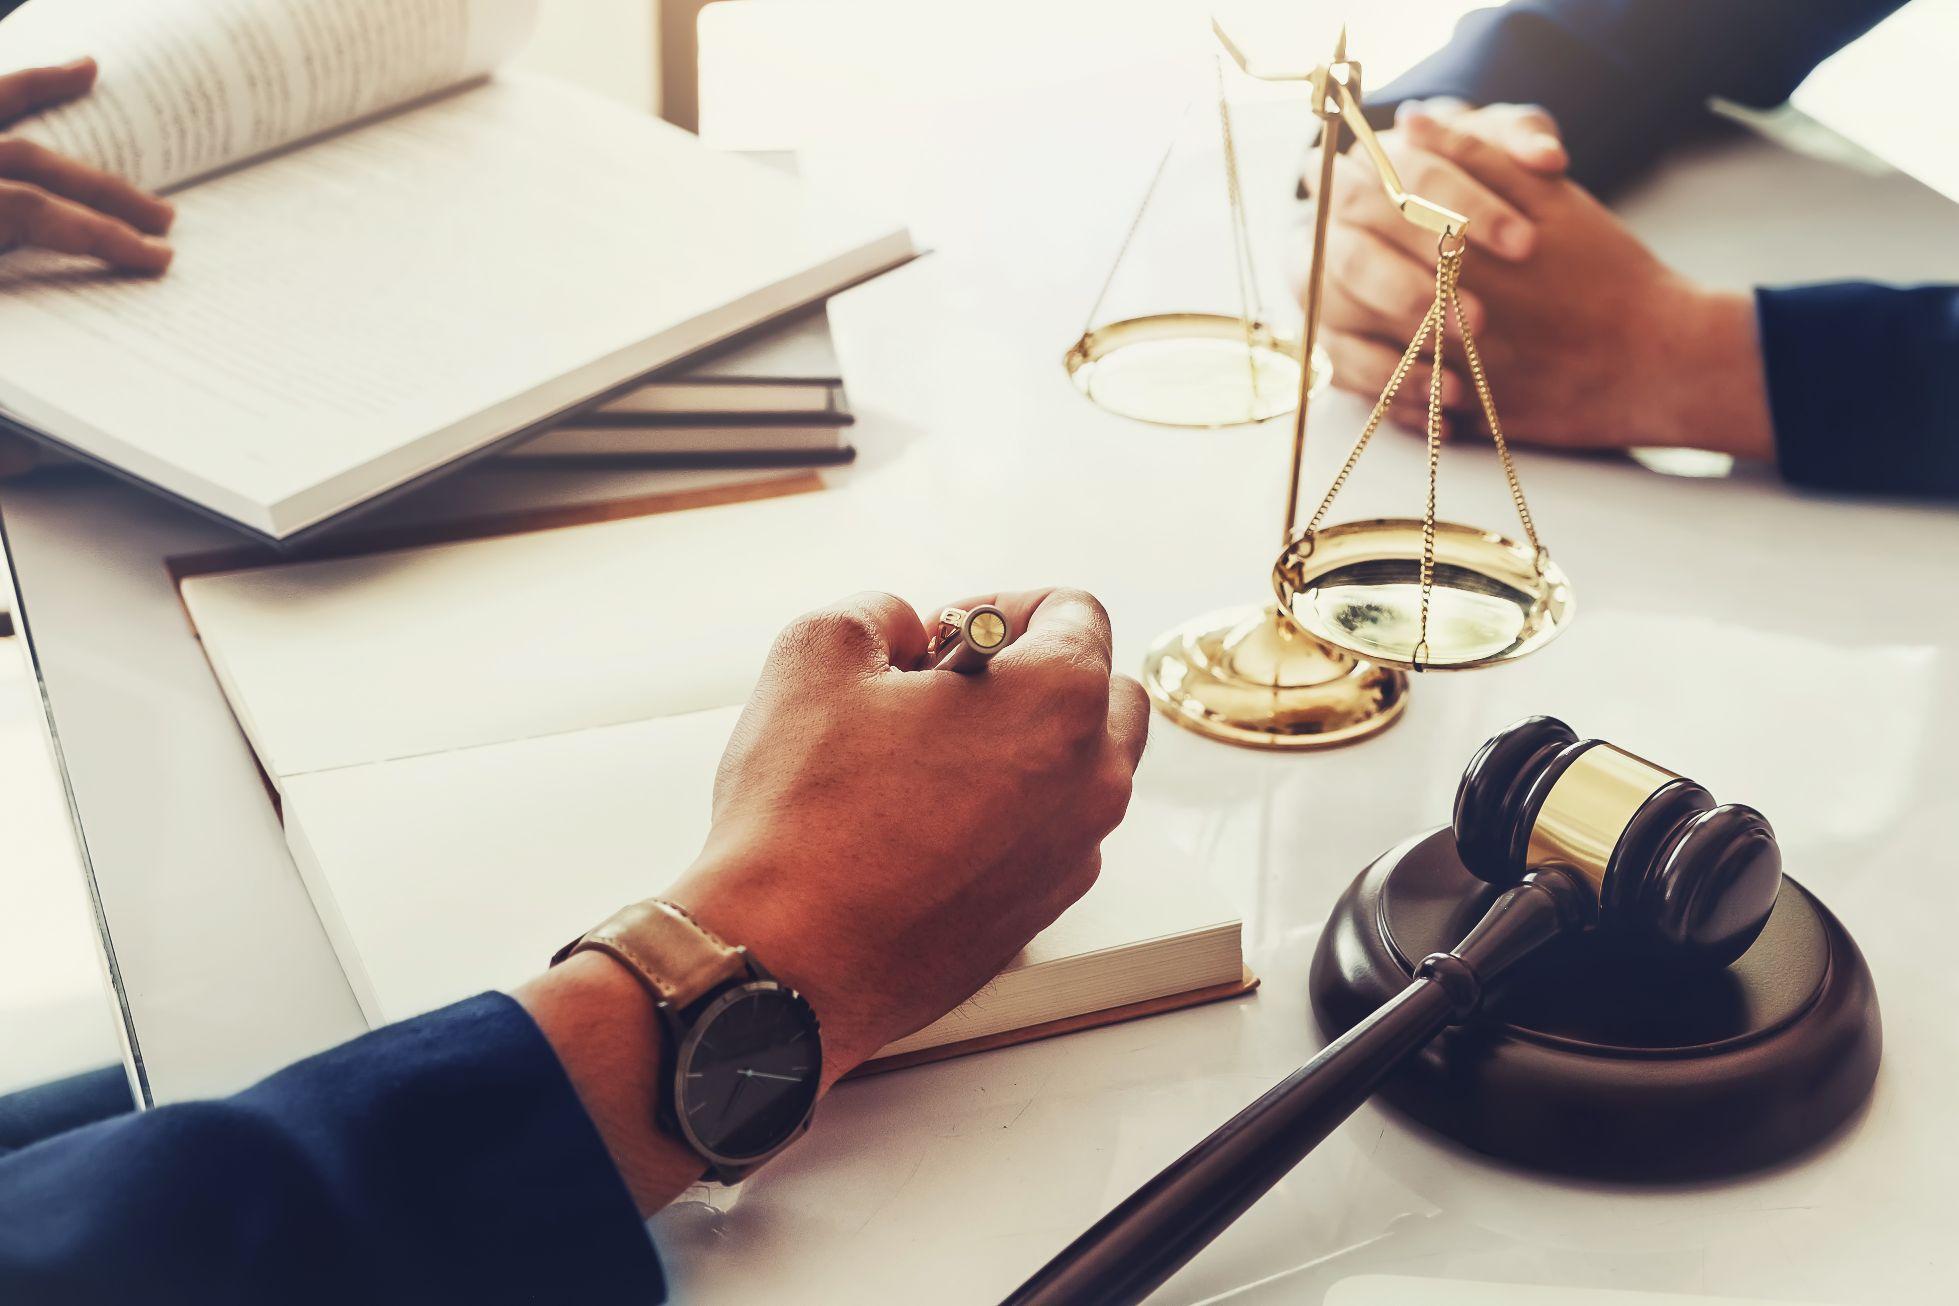 poursuite civile condamnation agression sexuelle